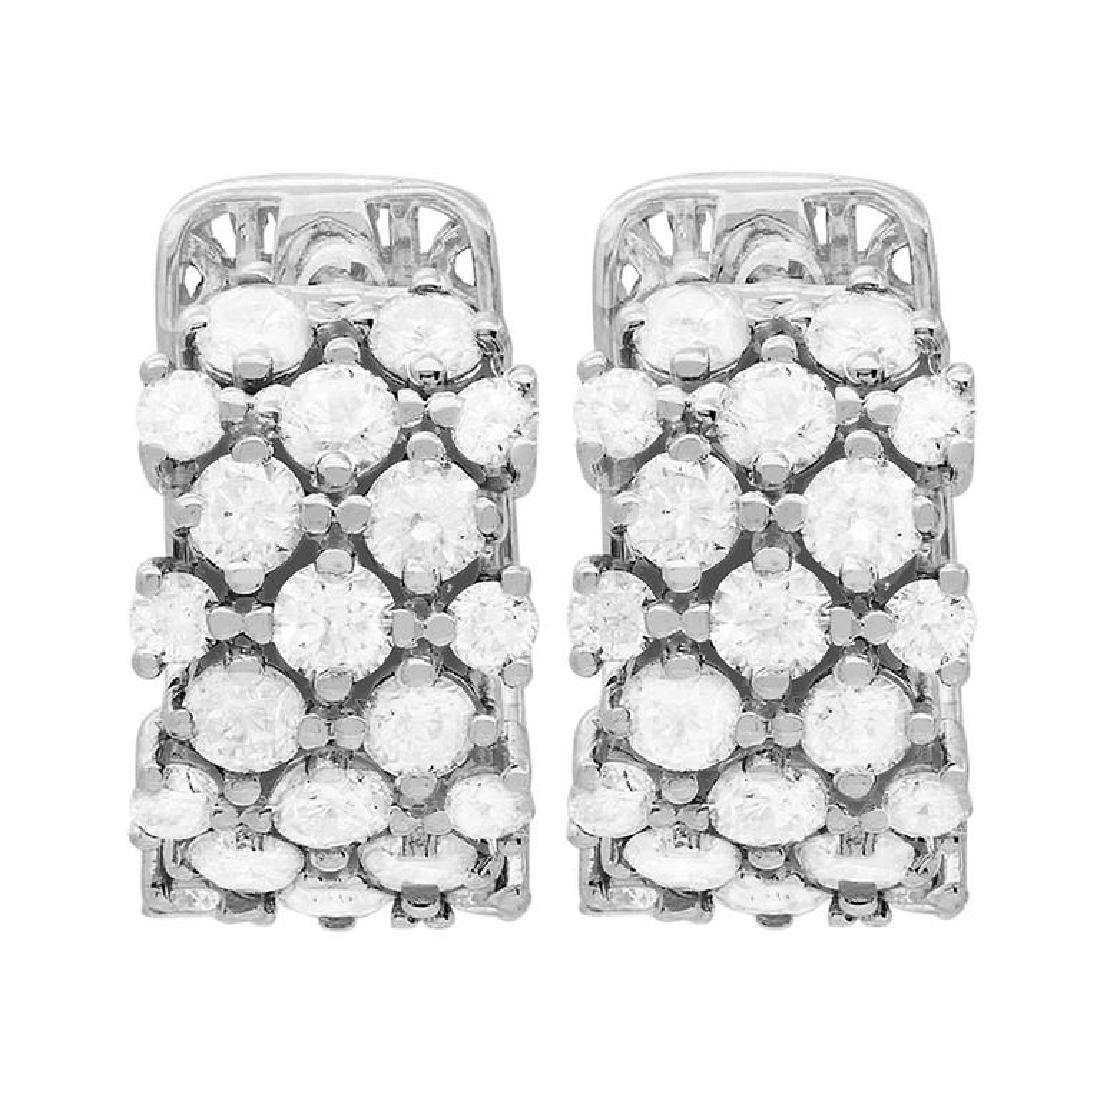 14k White Gold 2.98ct Diamond Earrings